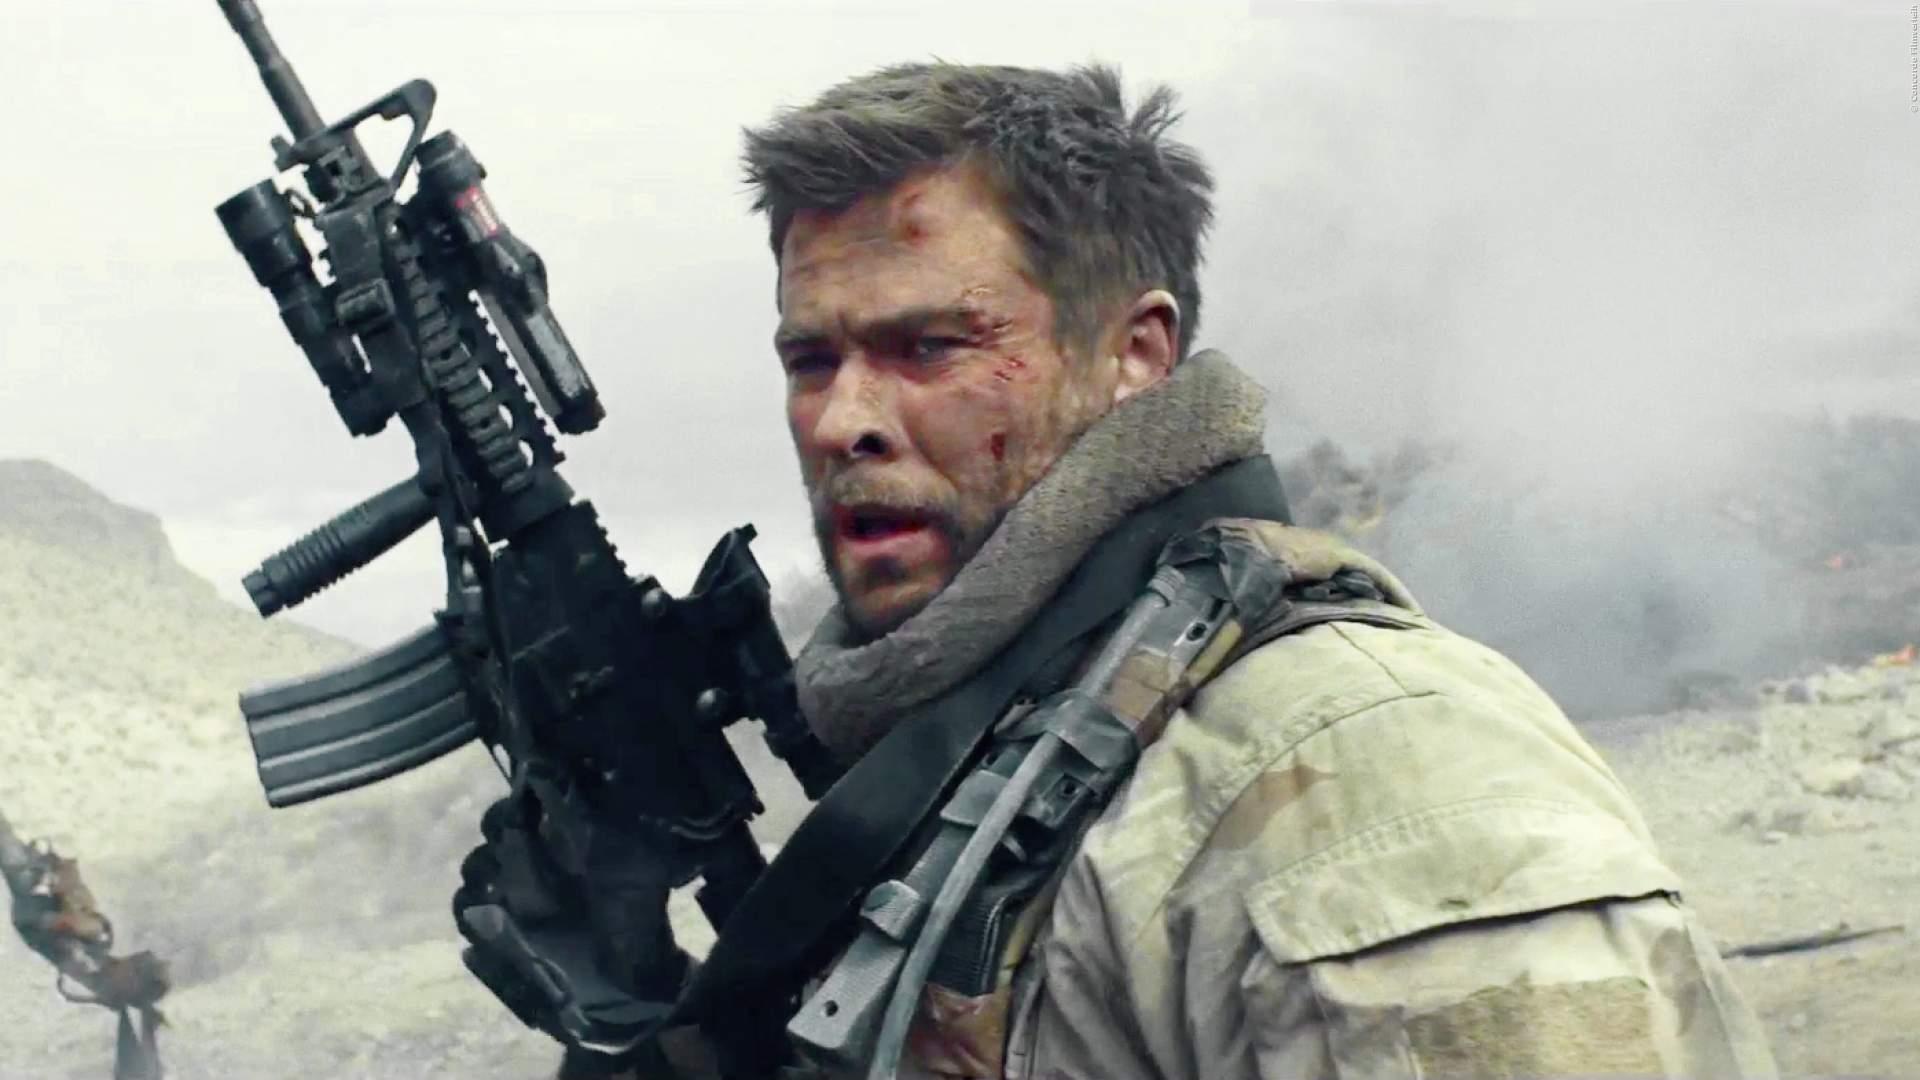 Die coolsten Filme mit Chris Hemsworth - Bild 1 von 1